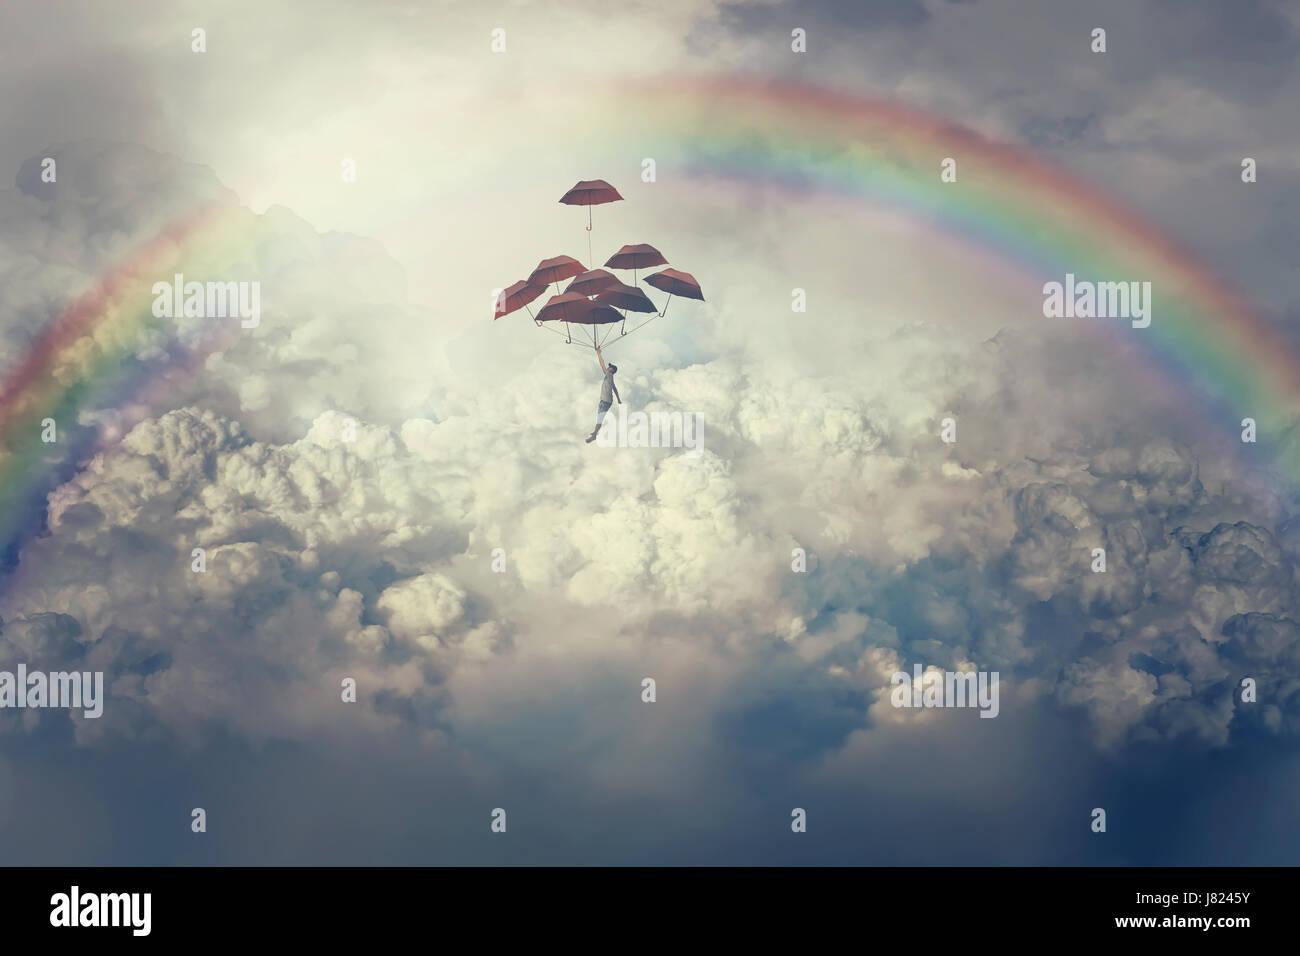 Vista imaginaria con un joven niño volando por encima de las nubes sosteniendo un montón de paraguas. En el camino Foto de stock